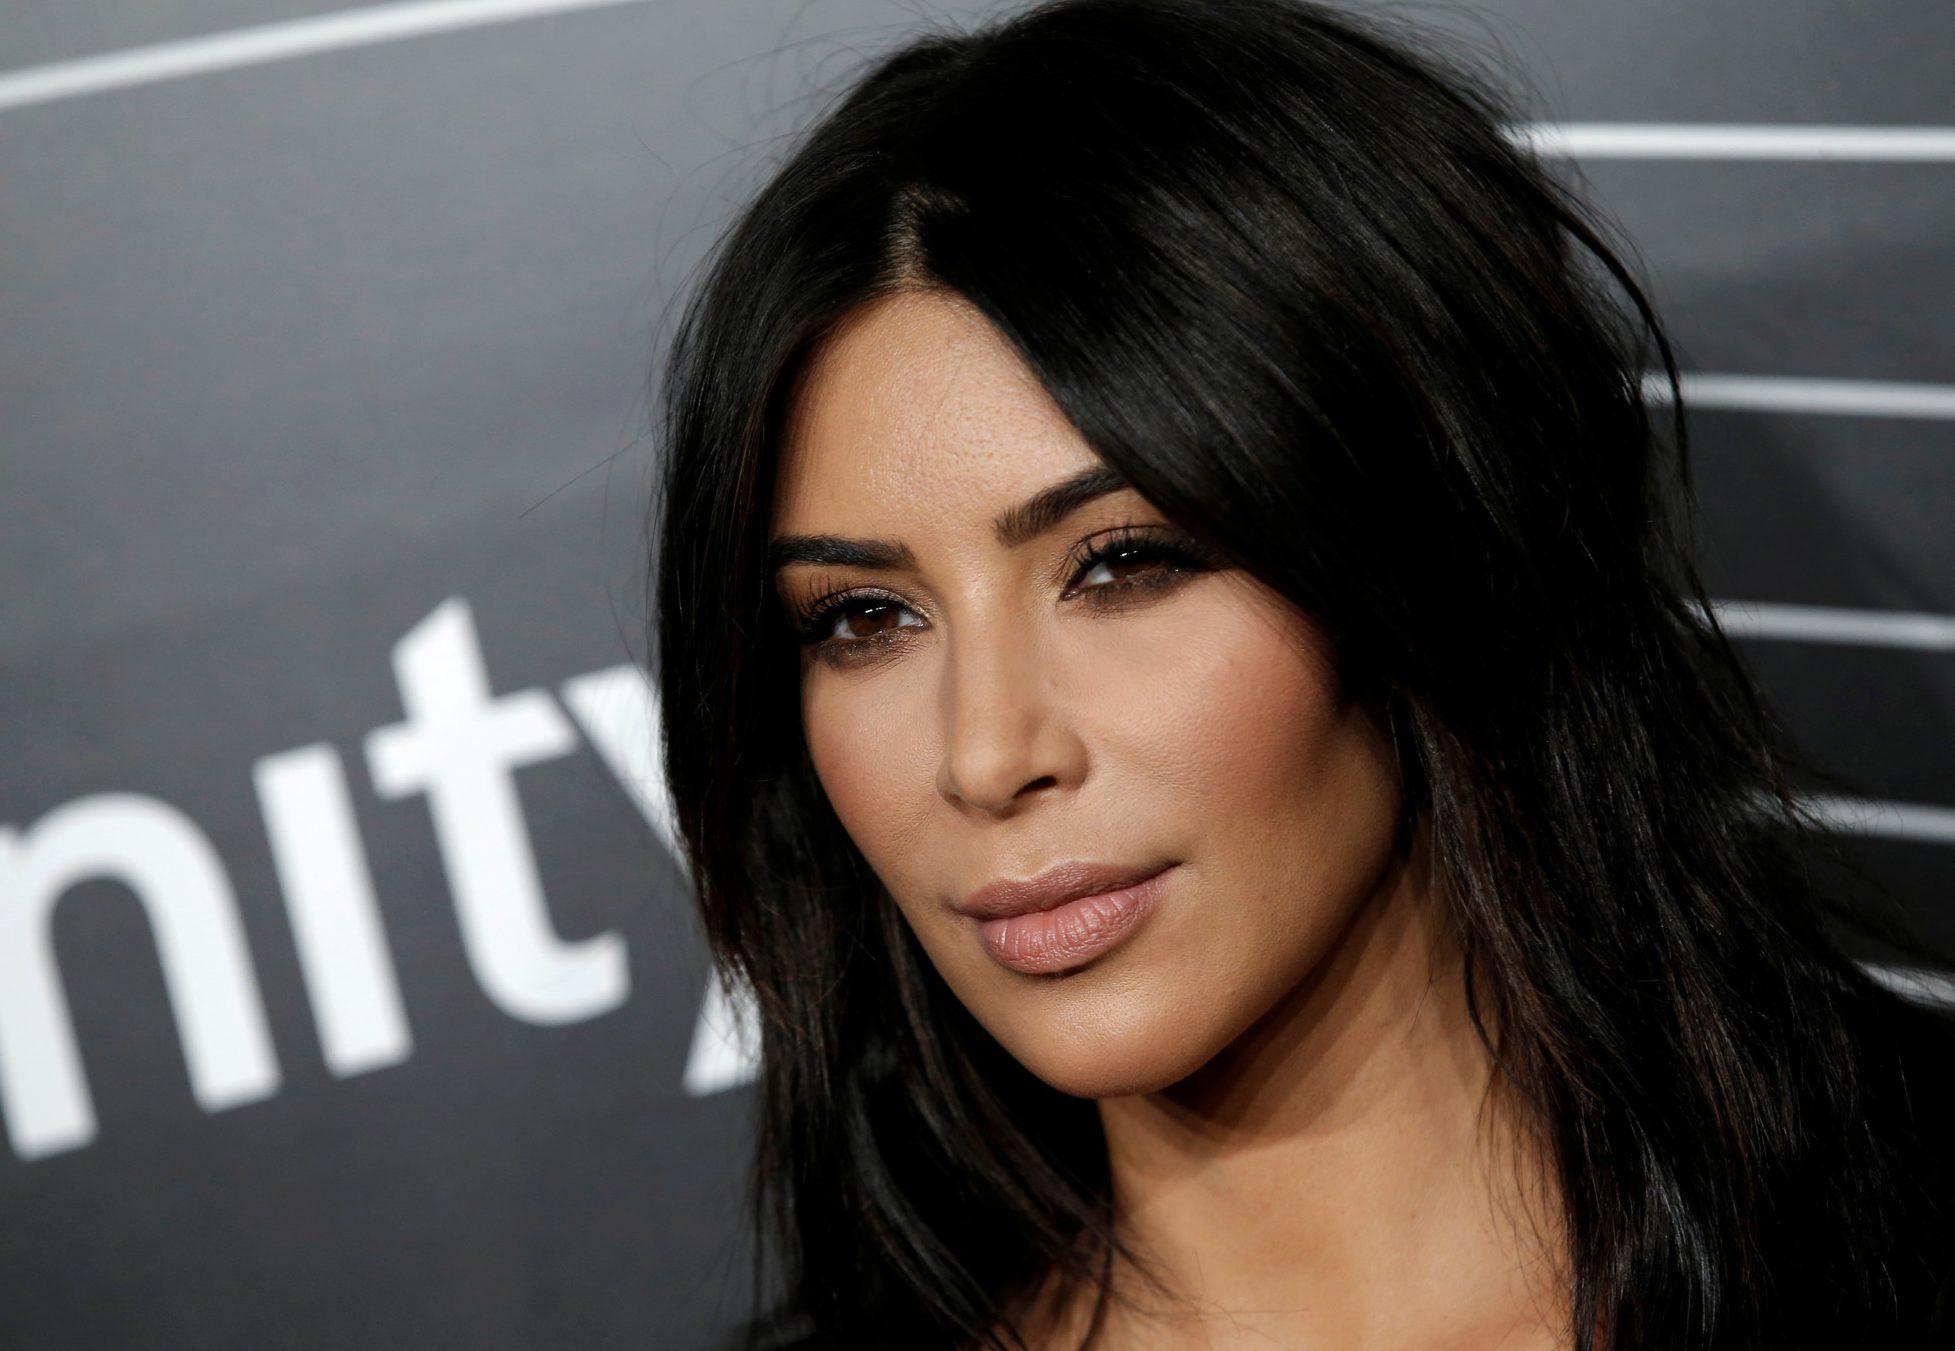 Мимими дня: Ким Кардашьян поделилась трогательным видео с Канье Уэстом и детьми